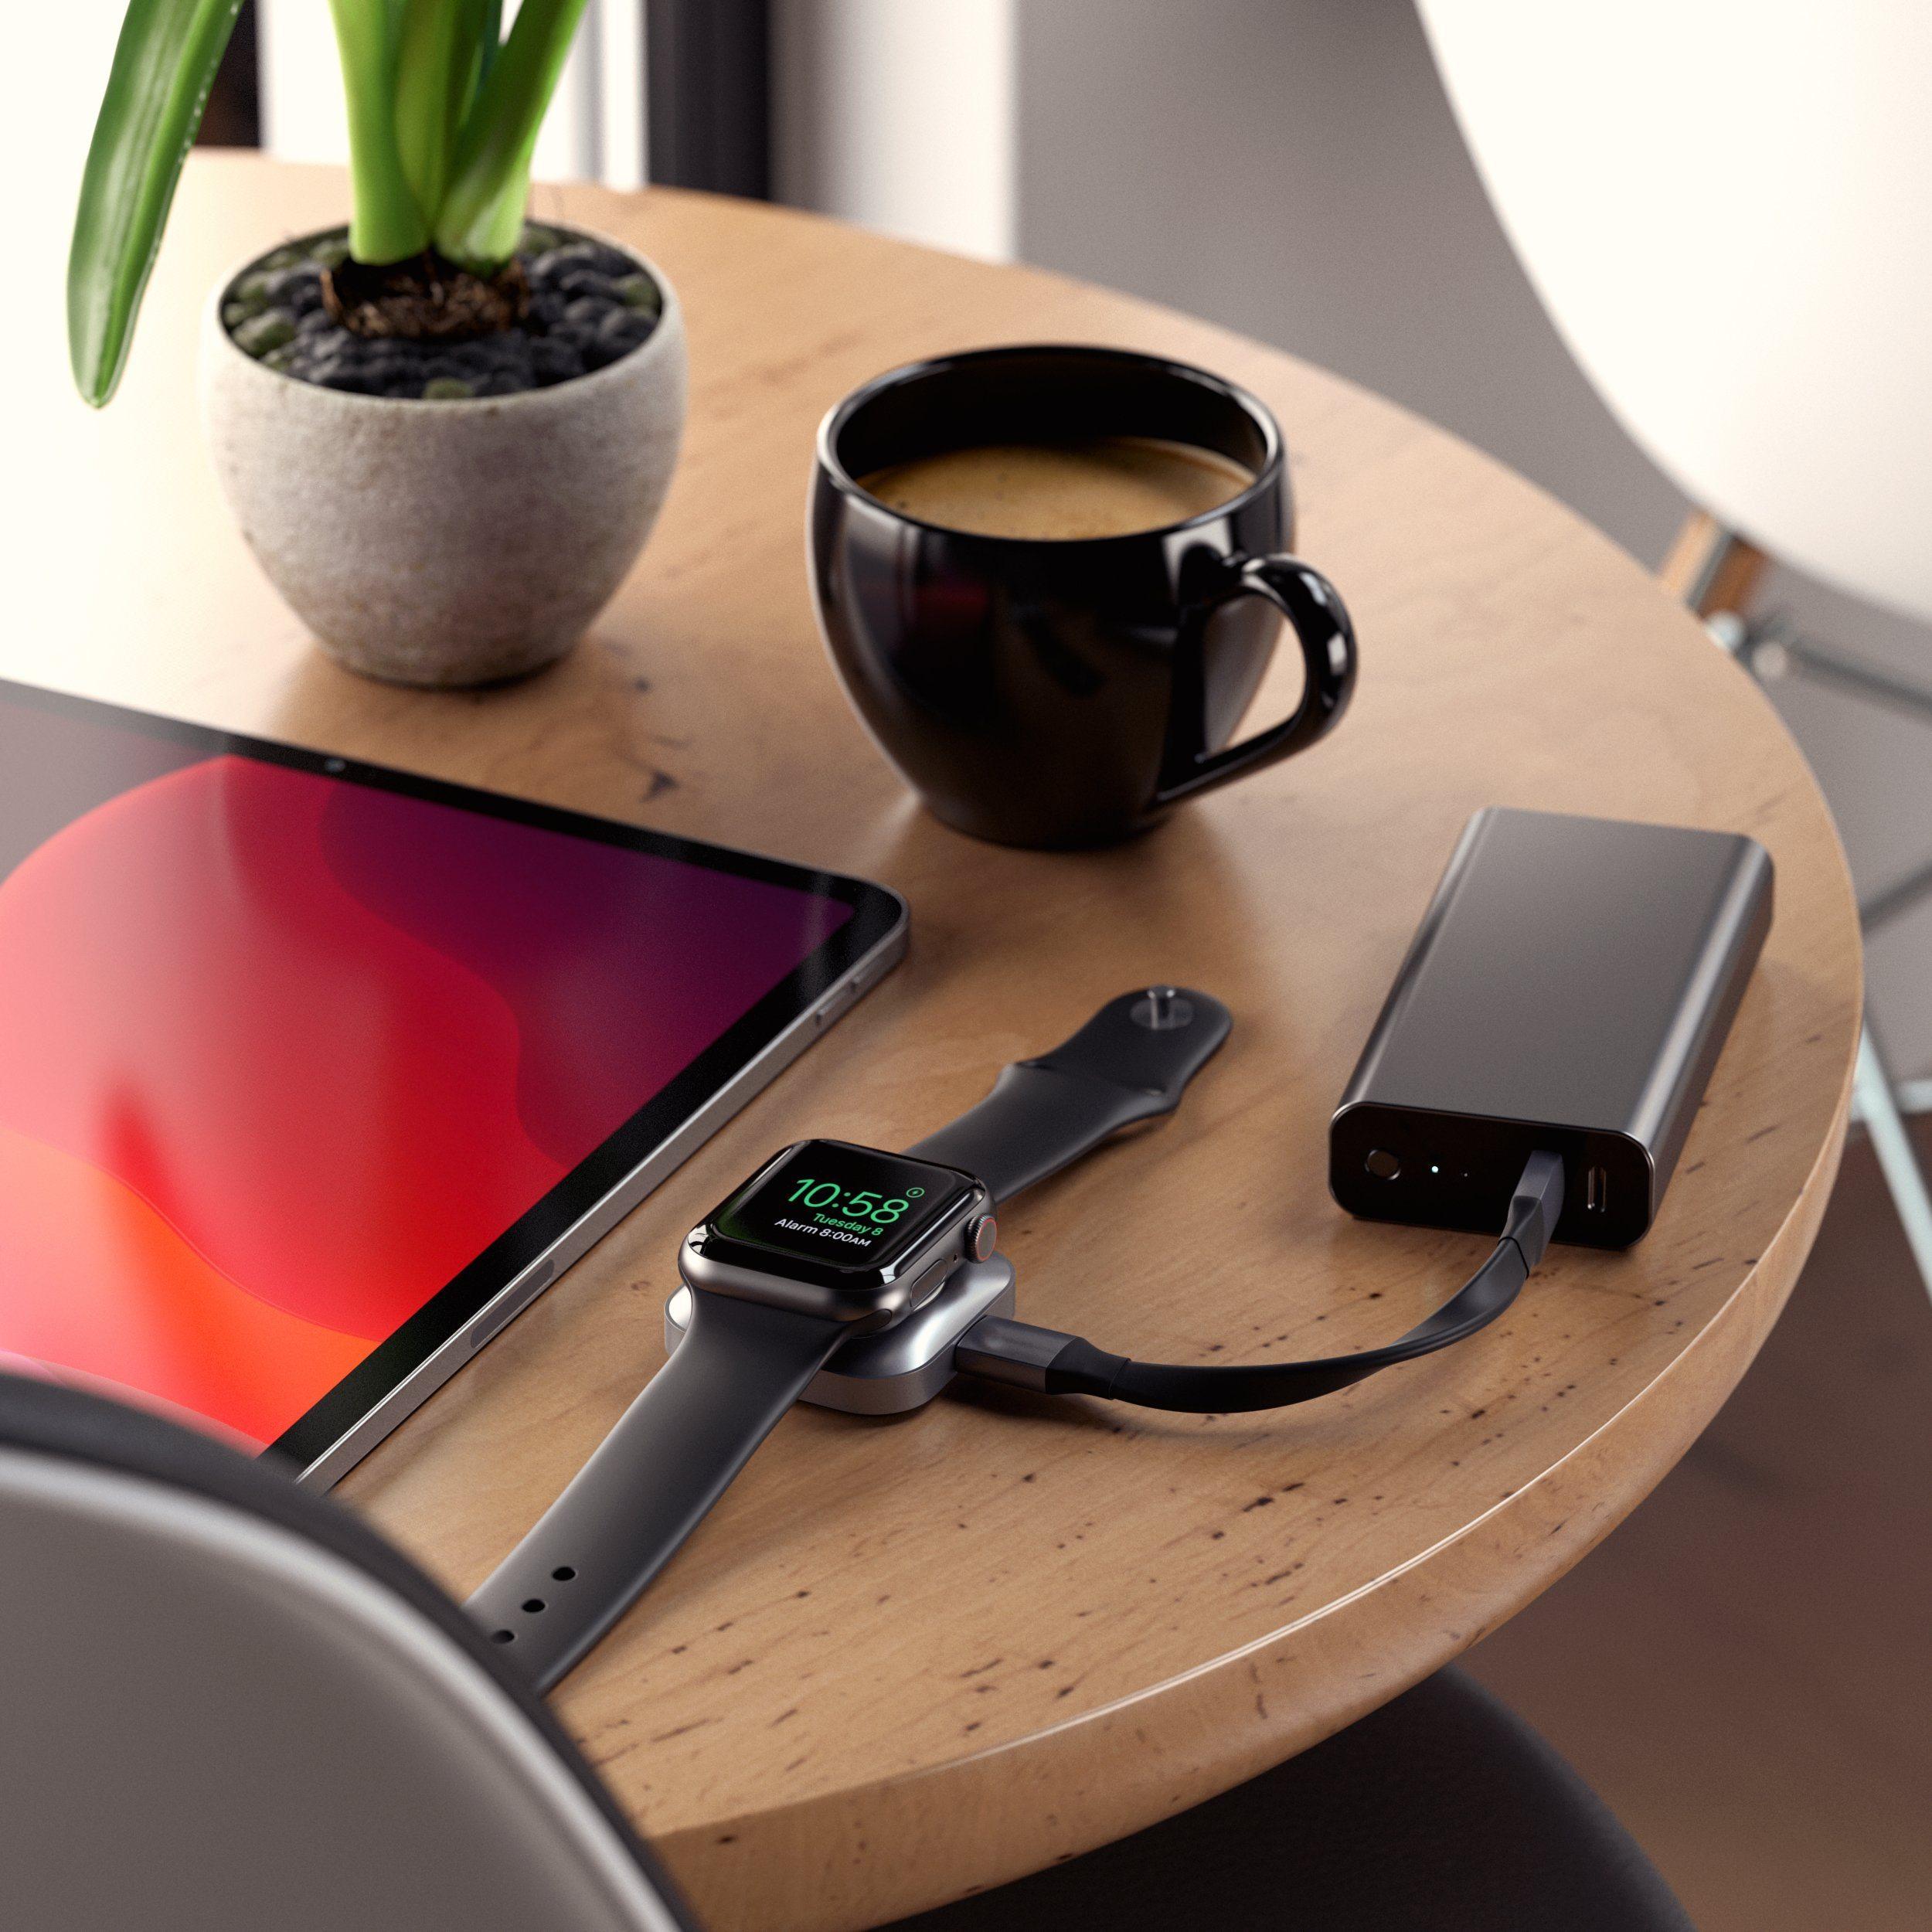 Satechi、USB-Cケーブル付きでiPadやMacBookに直付けしてApple Watchを充電できるドックを発表